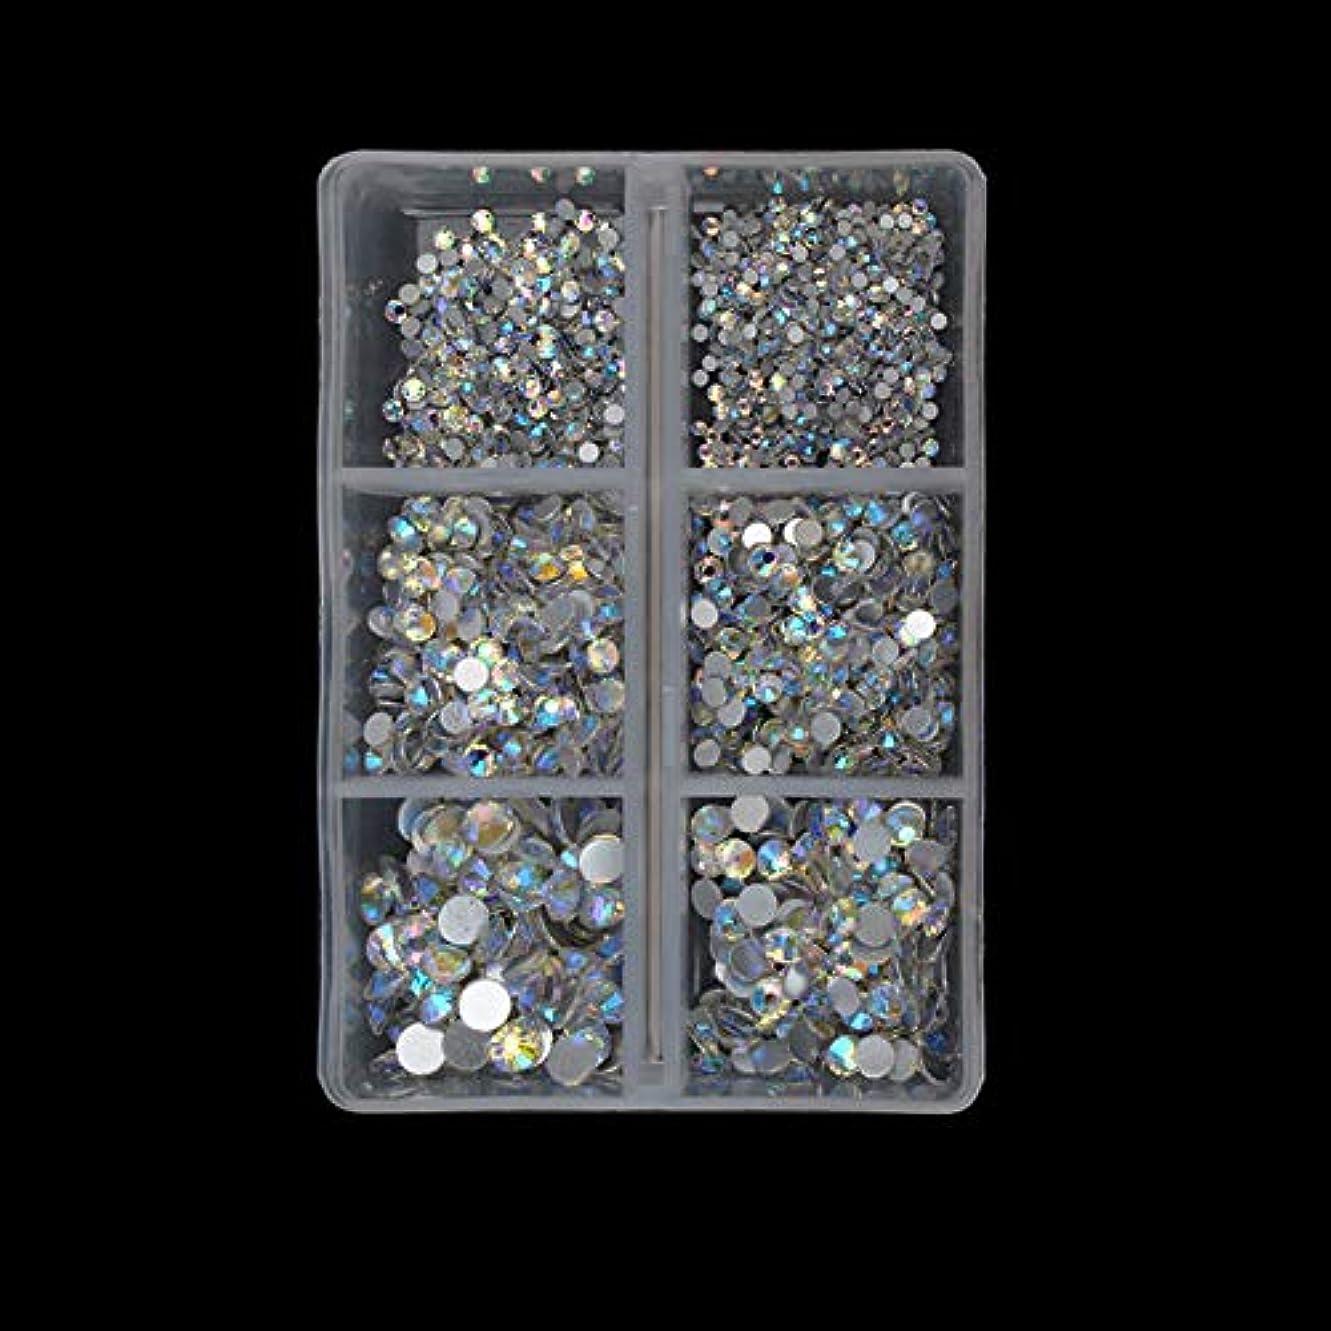 生息地中古精査ACHICOO ネイルラインストーン UVネイルポリッシュ ネイルジュエリー用 6グリッド/セット キラキラ ガラス 可愛い 手作りネイル   14箱入り